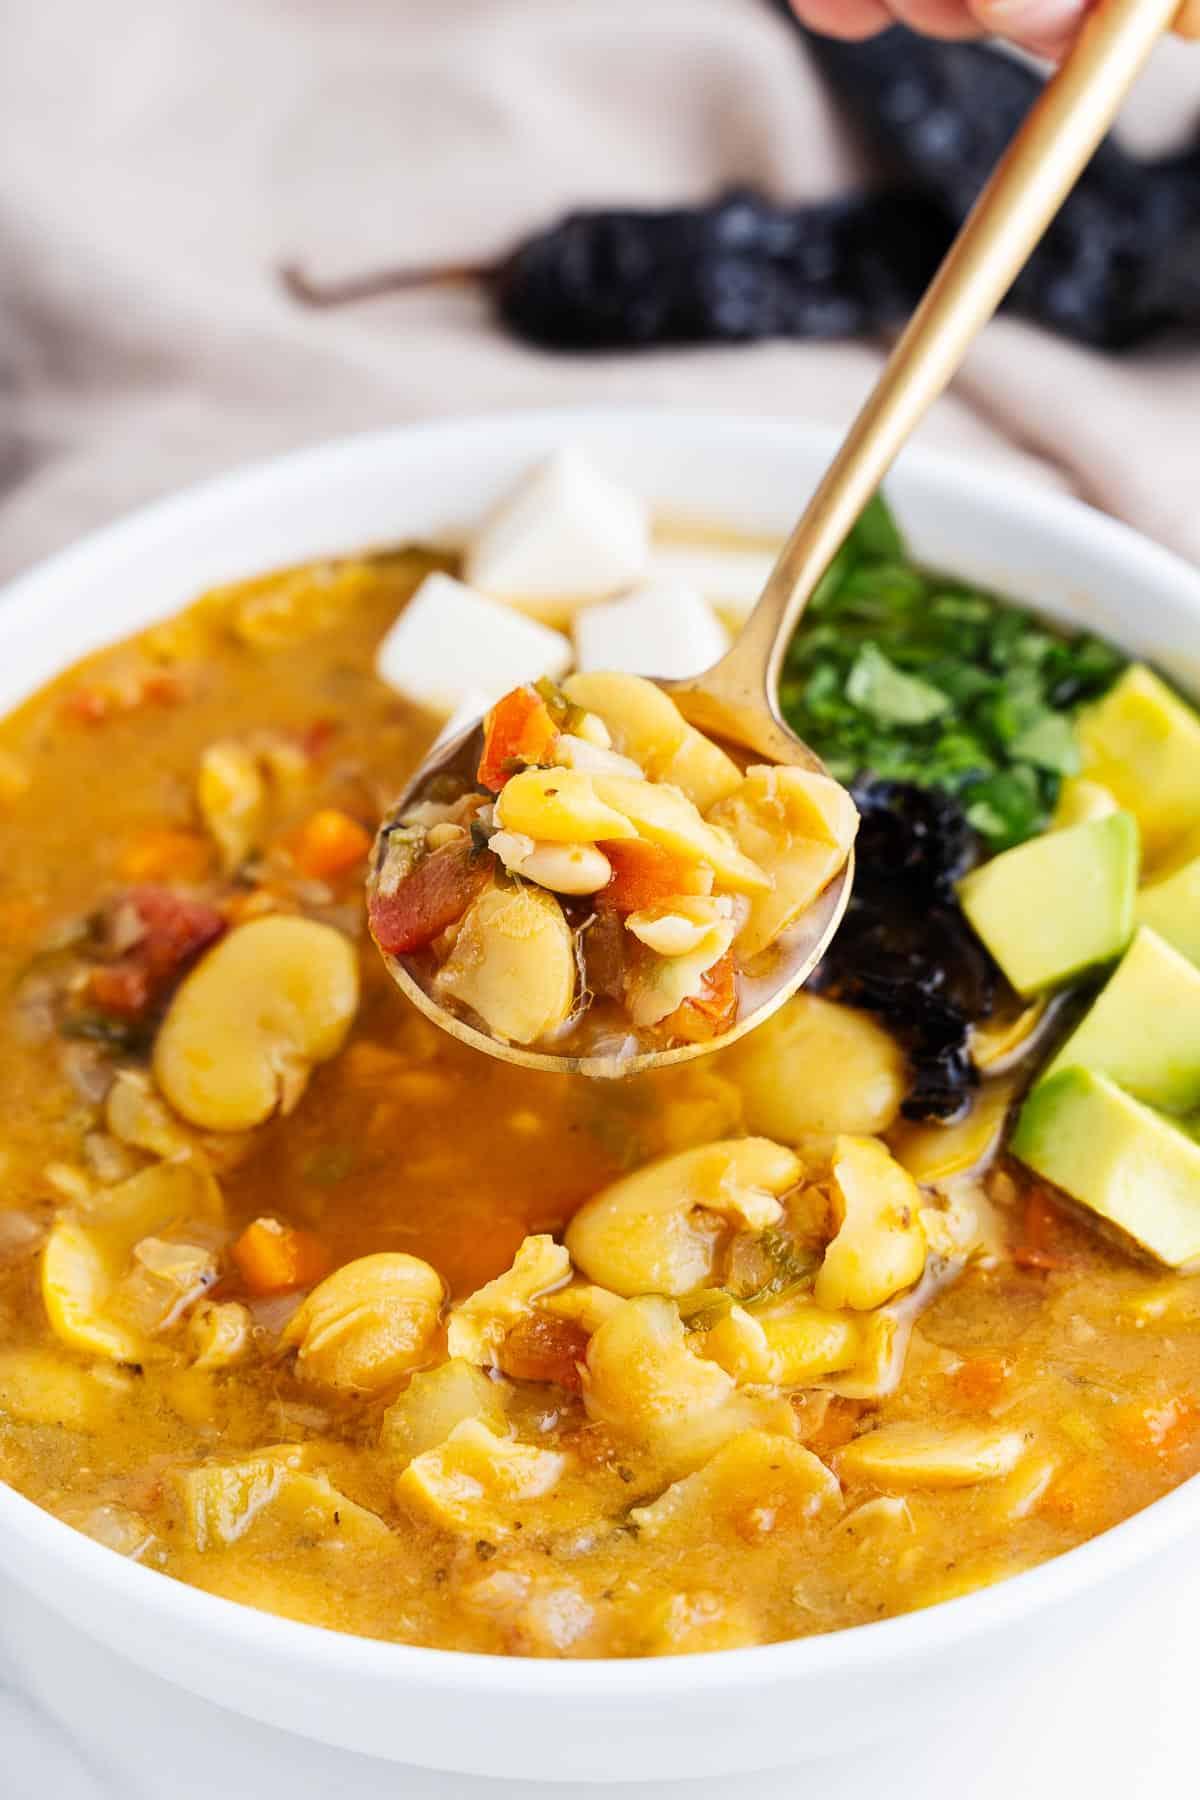 Spoonful of Sopa de Habas